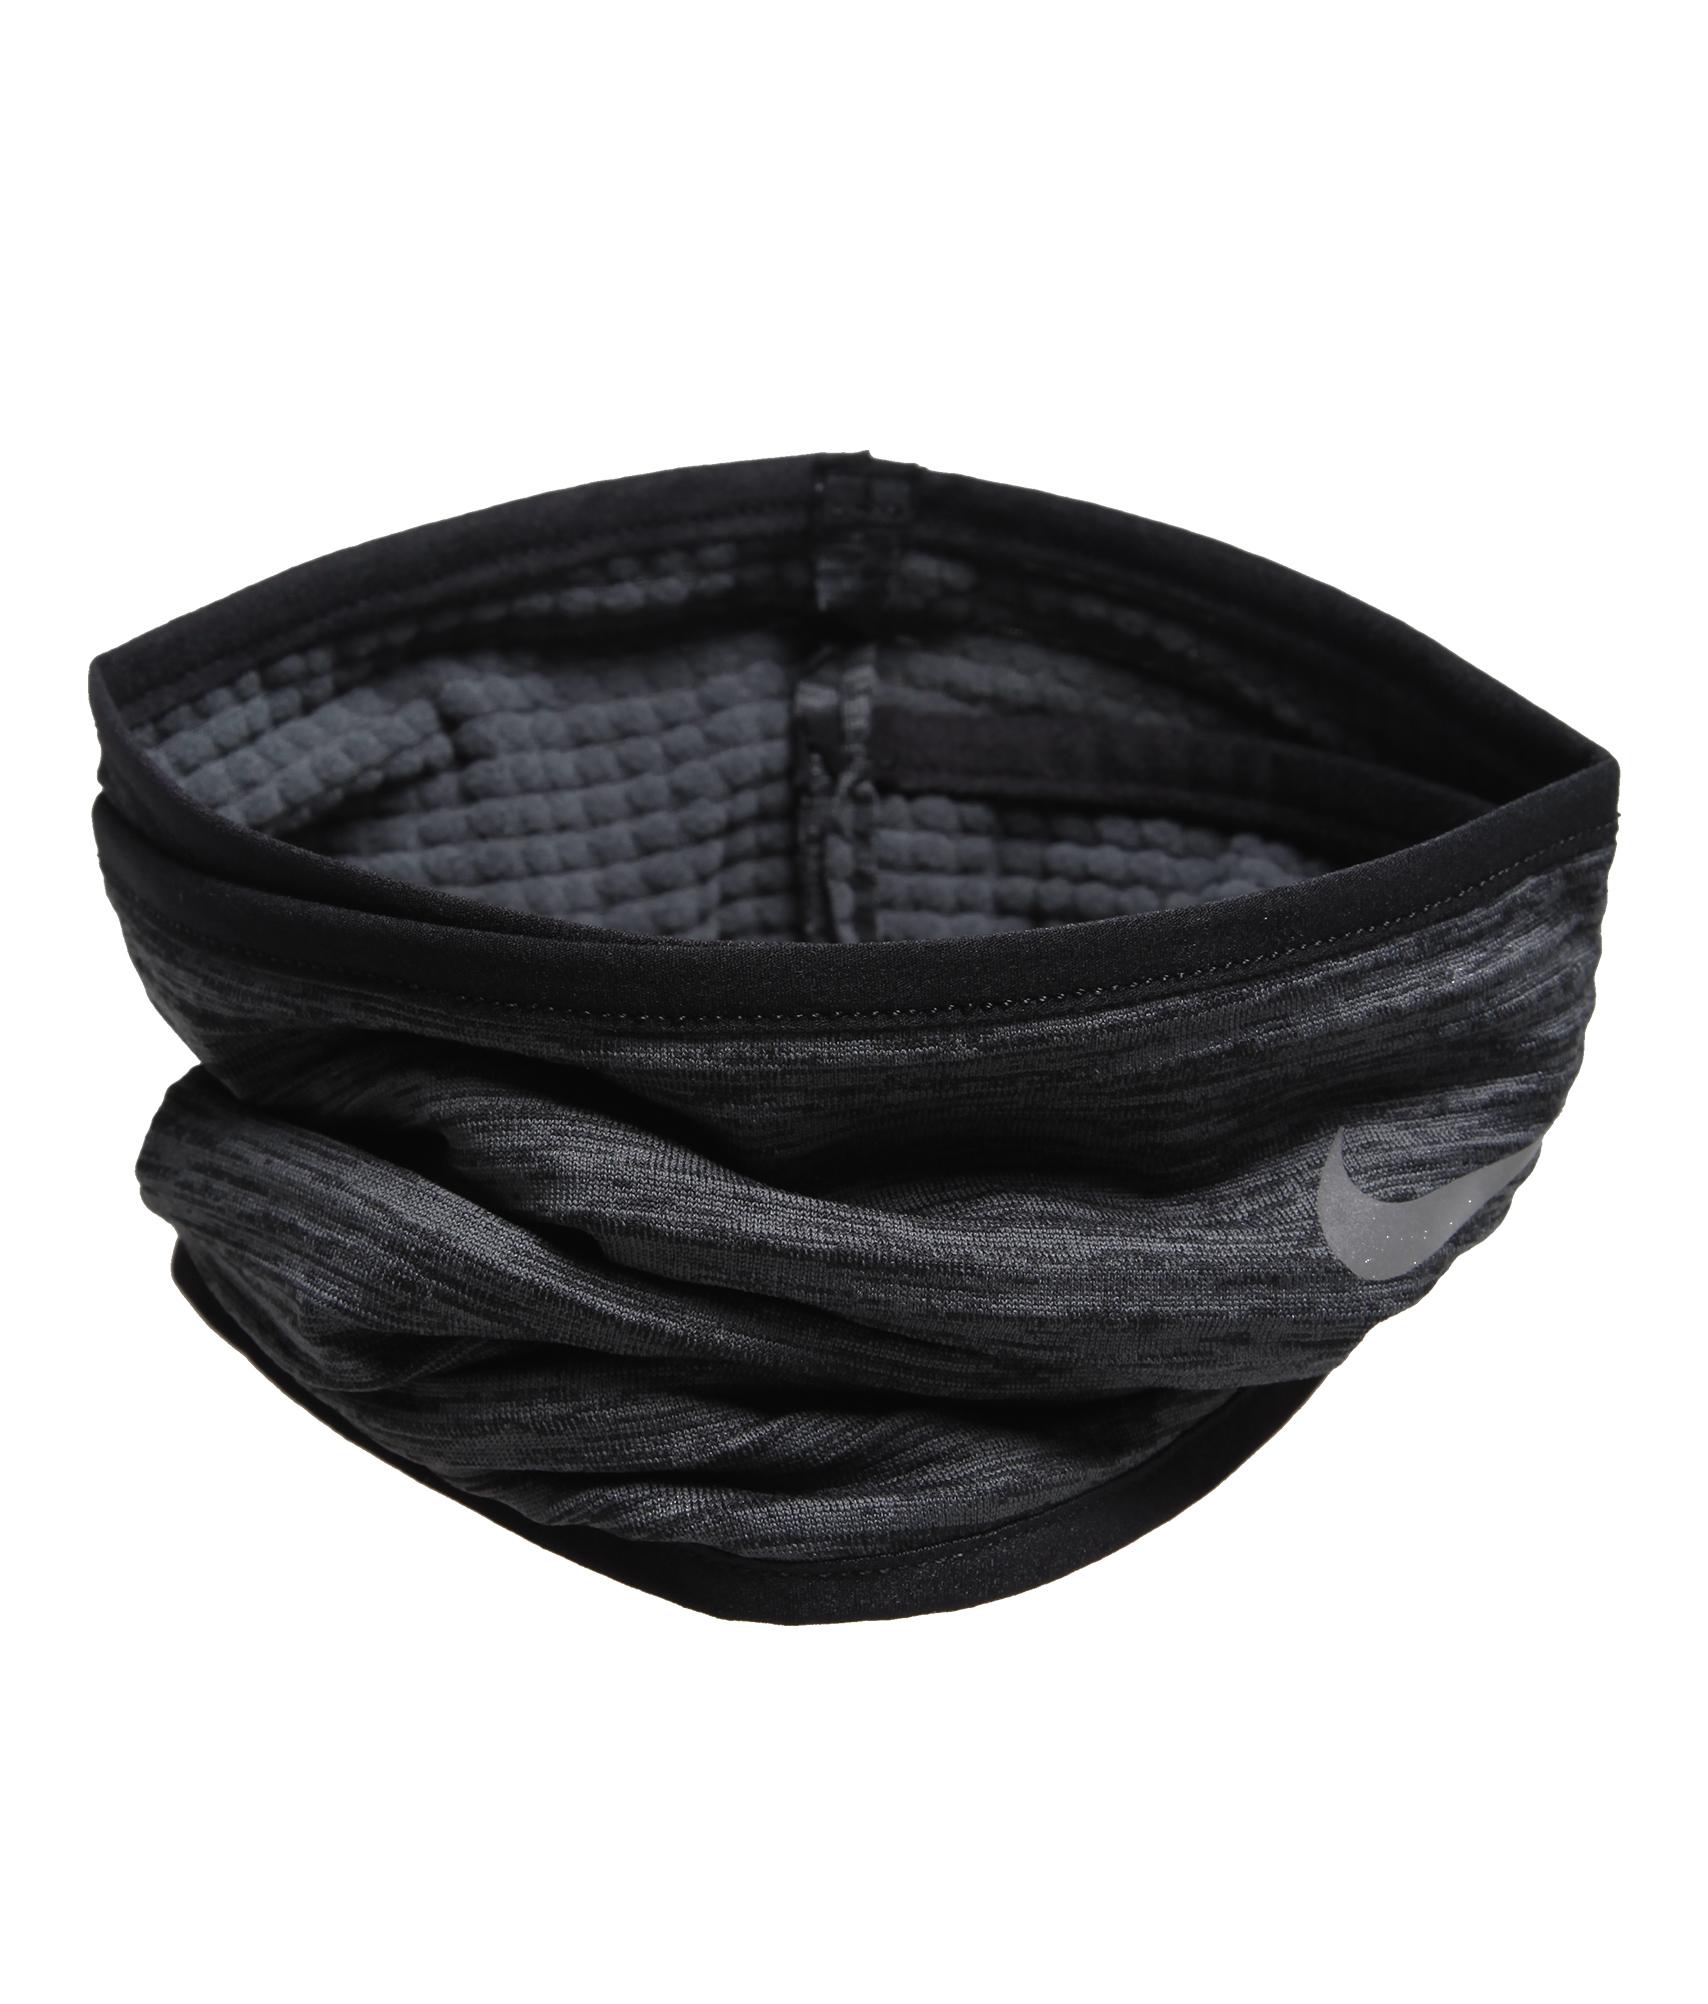 Повязка на шею Nike, Цвет-Черный, Размер-L/XL